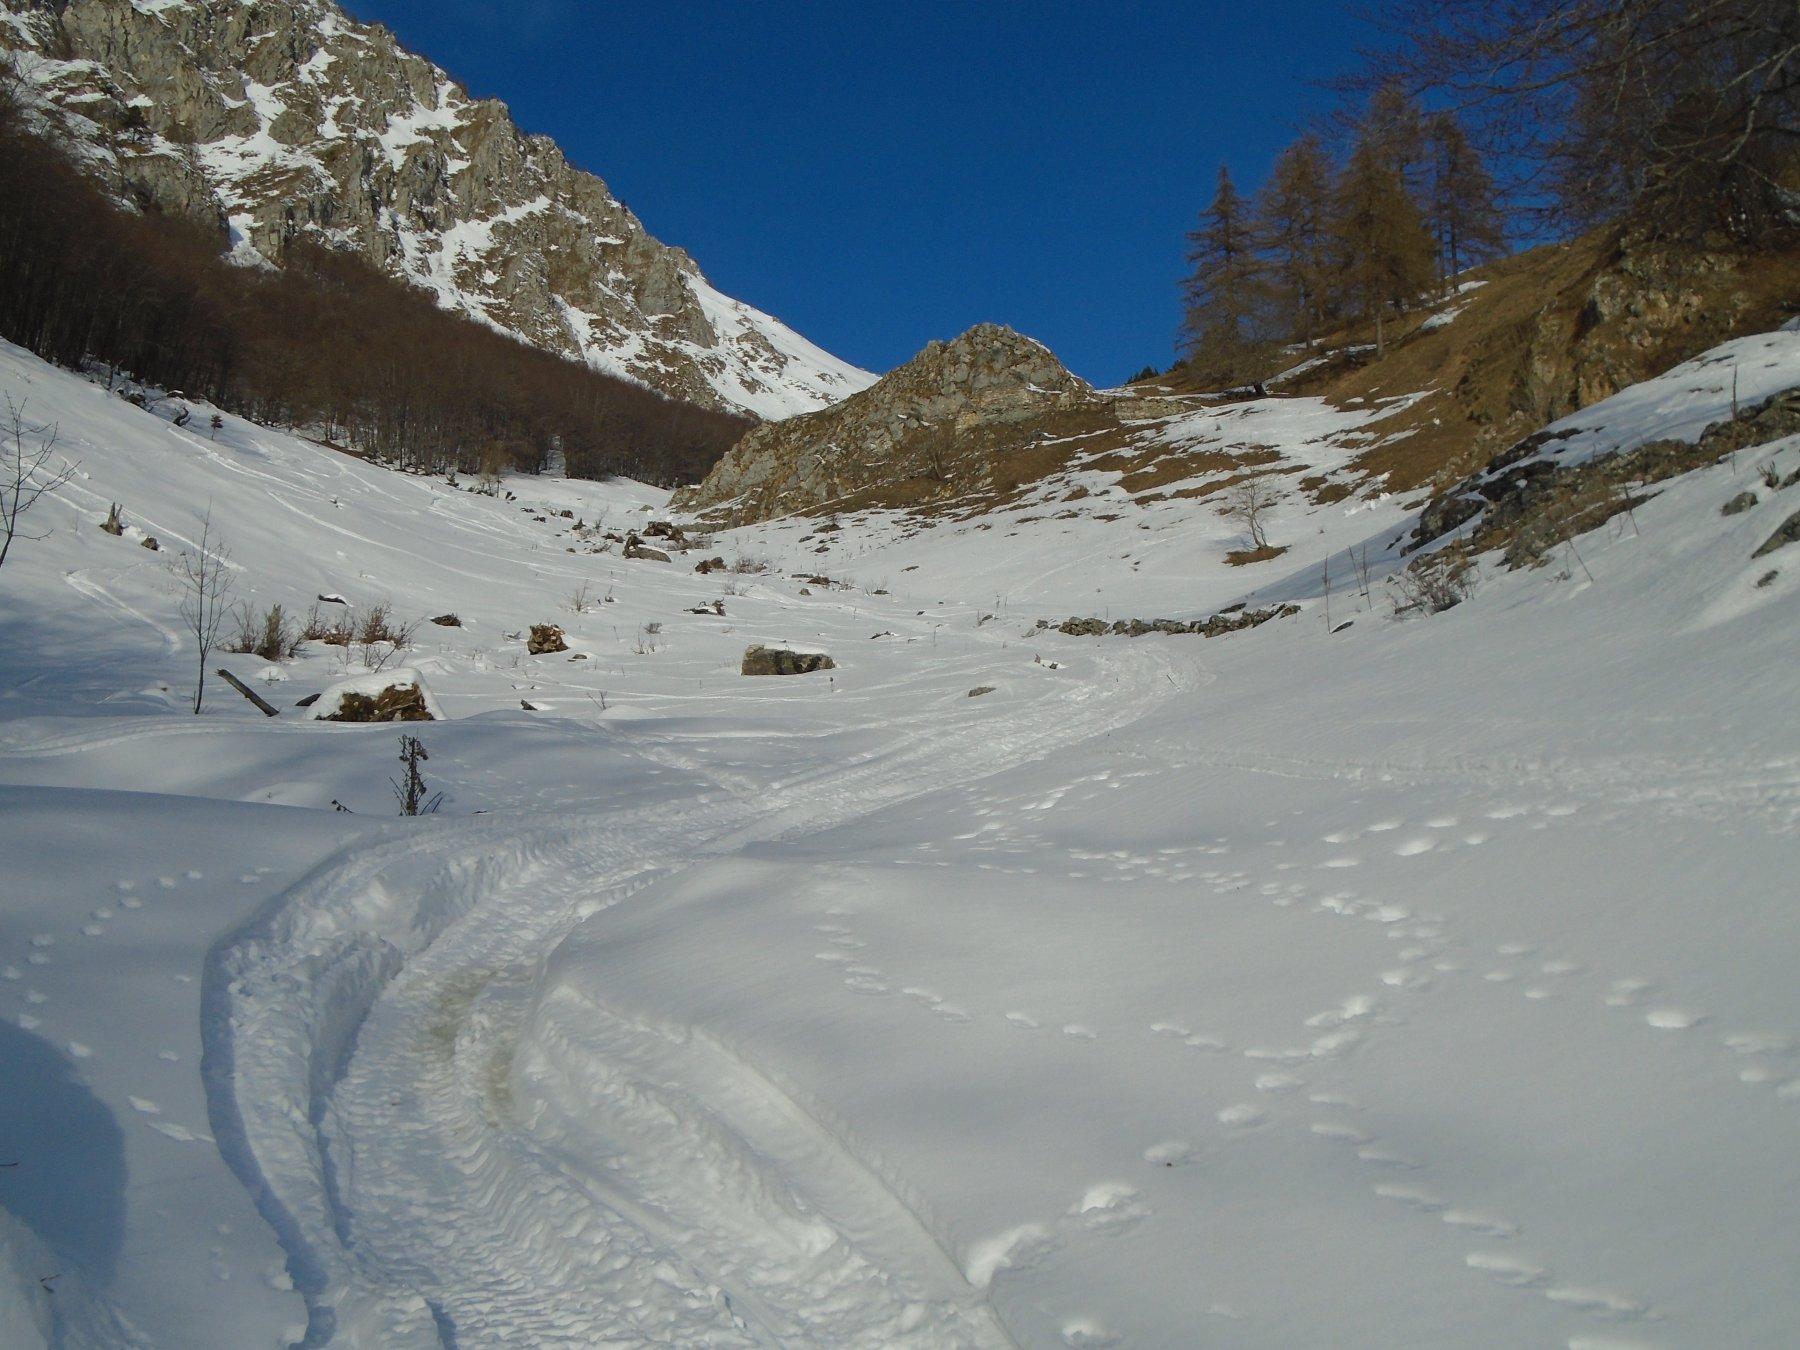 Inizia la neve più abbondante: cresta del Monte Agnelliera a sx